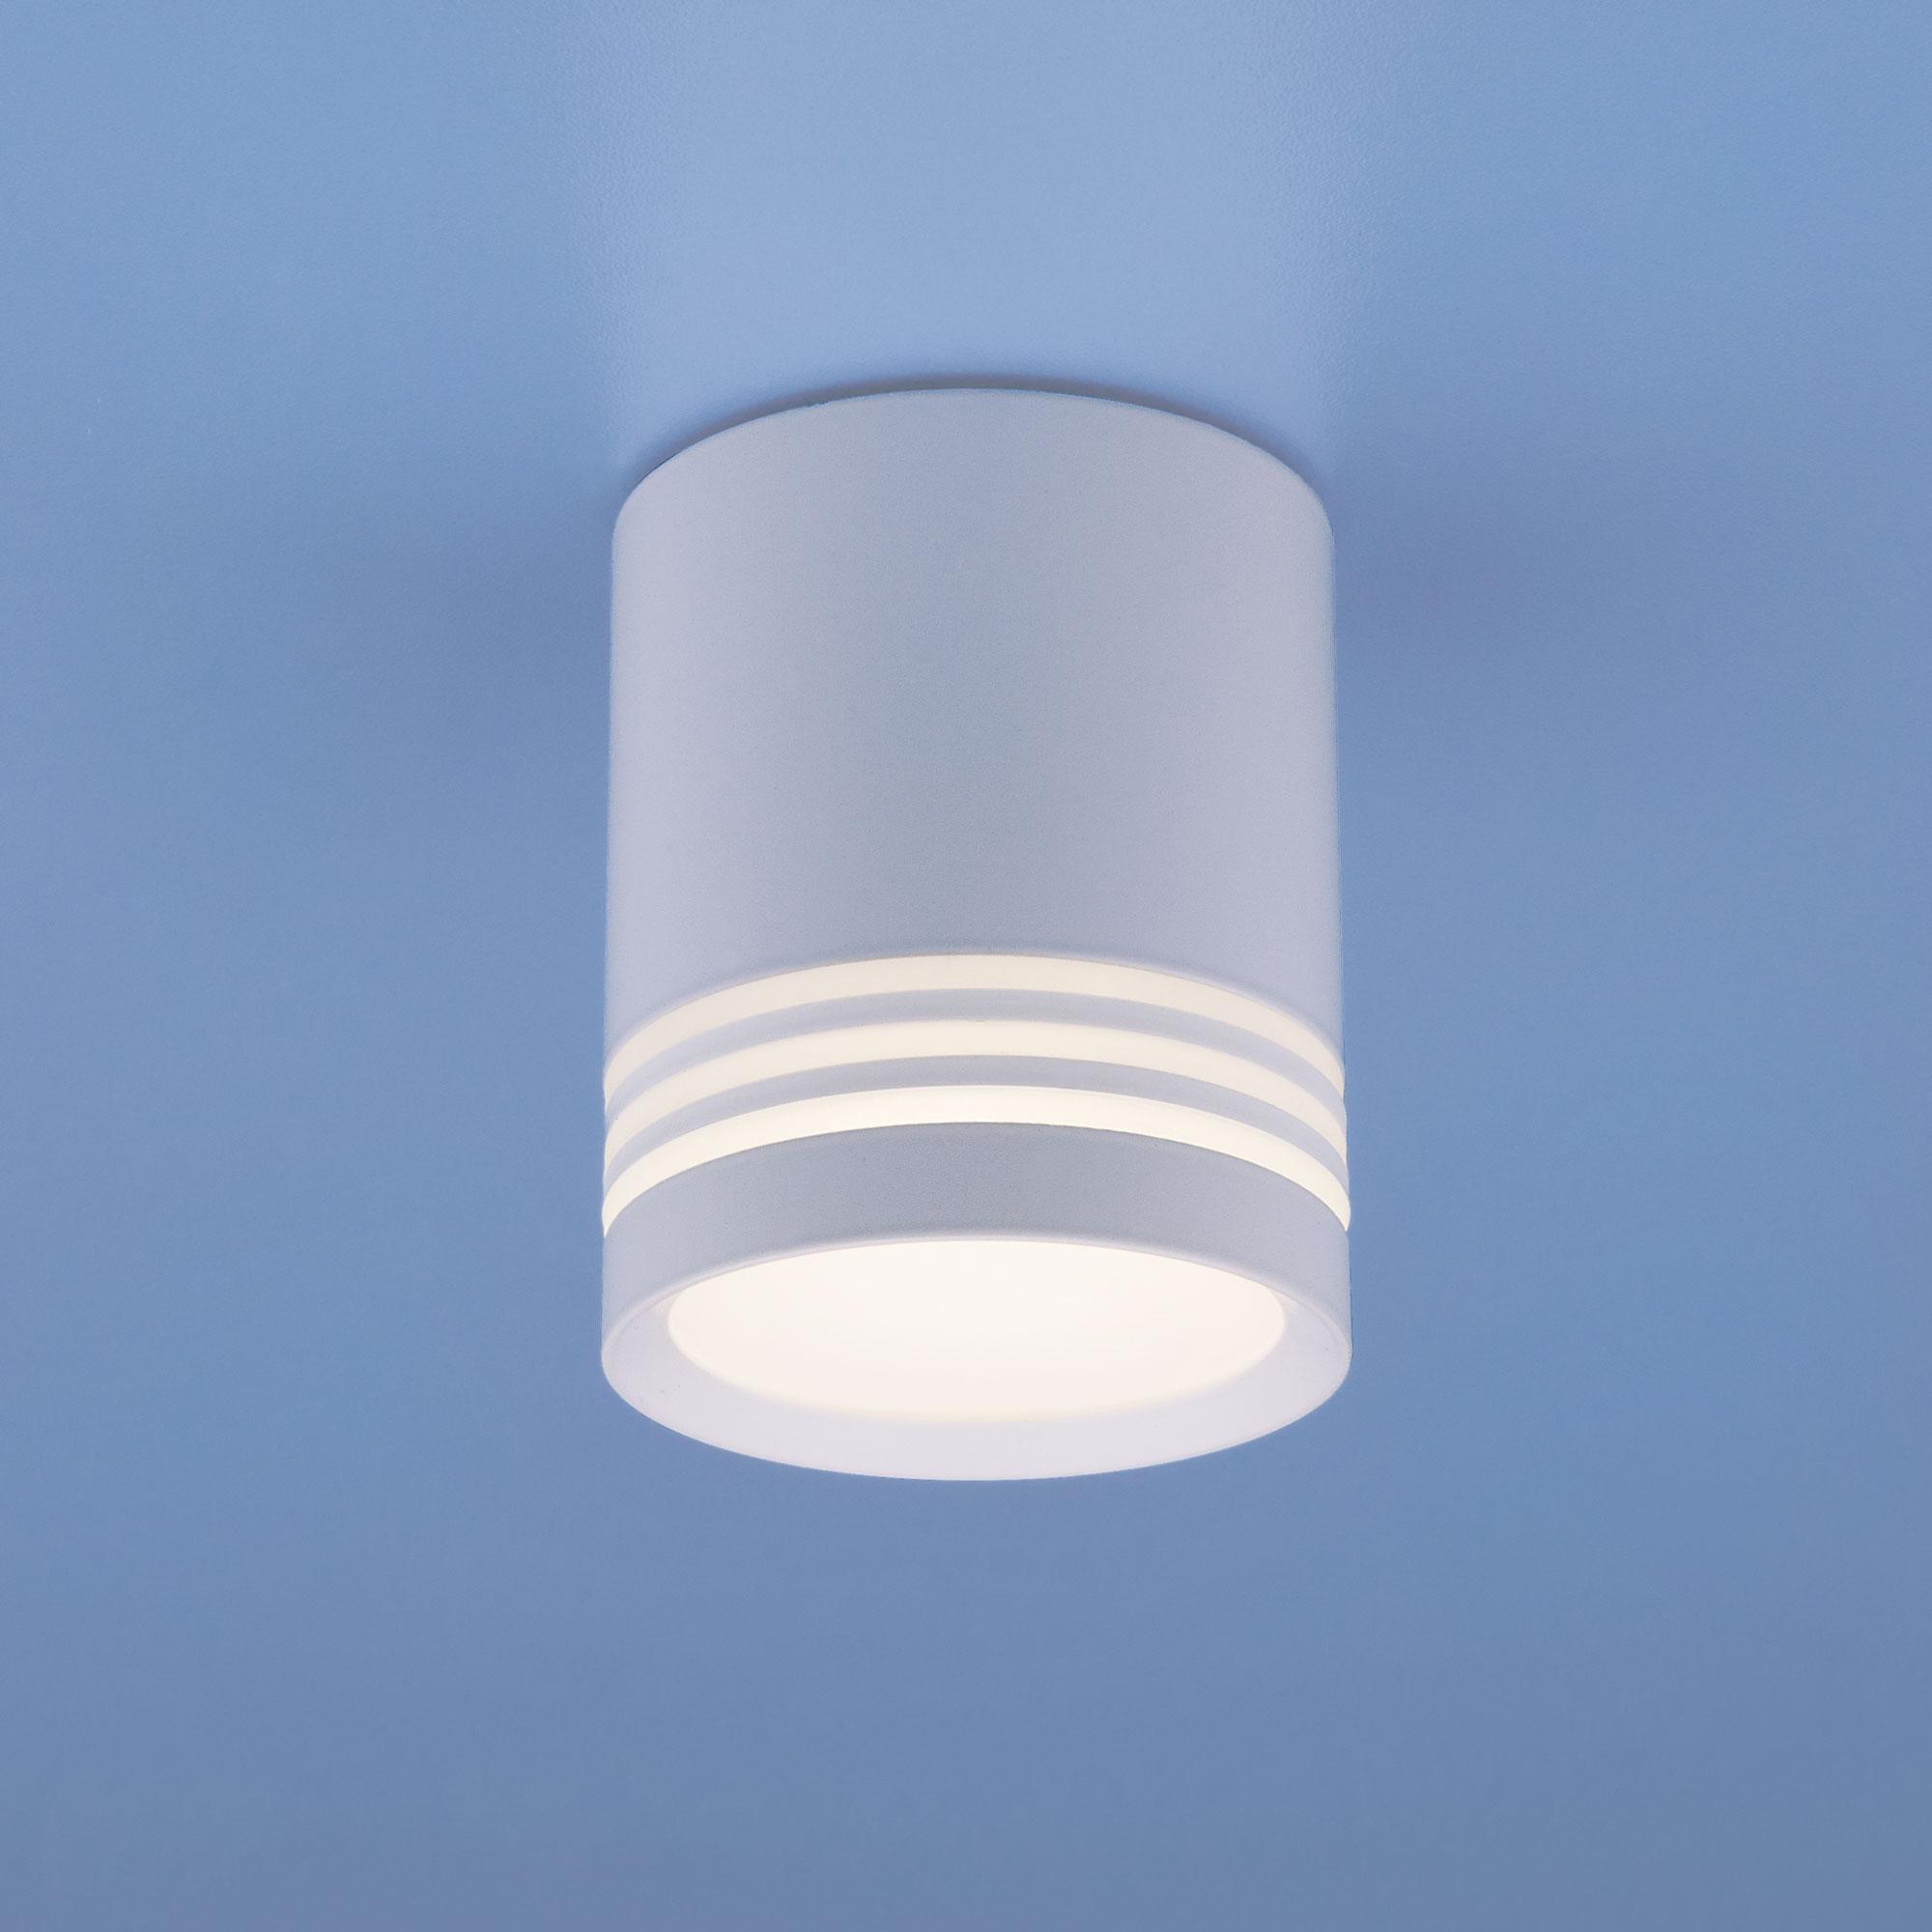 Светильник линейный для торговых залов FL1500 2х60LED